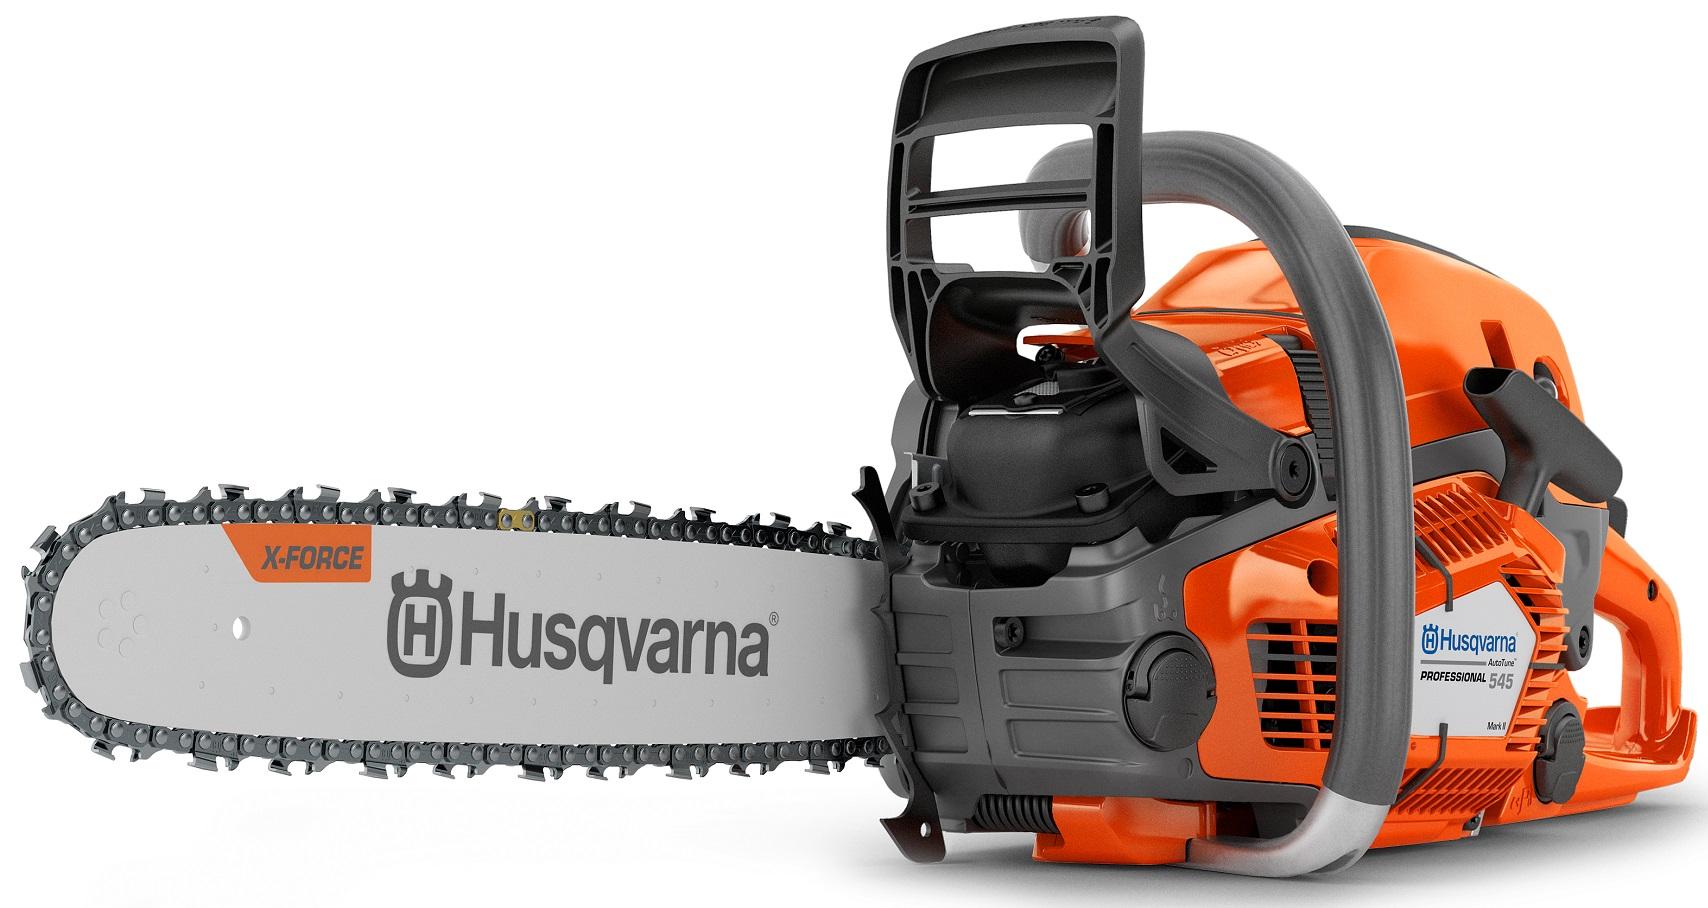 Бензопилы husqvarna: устройство, ремонт, обзор моделей